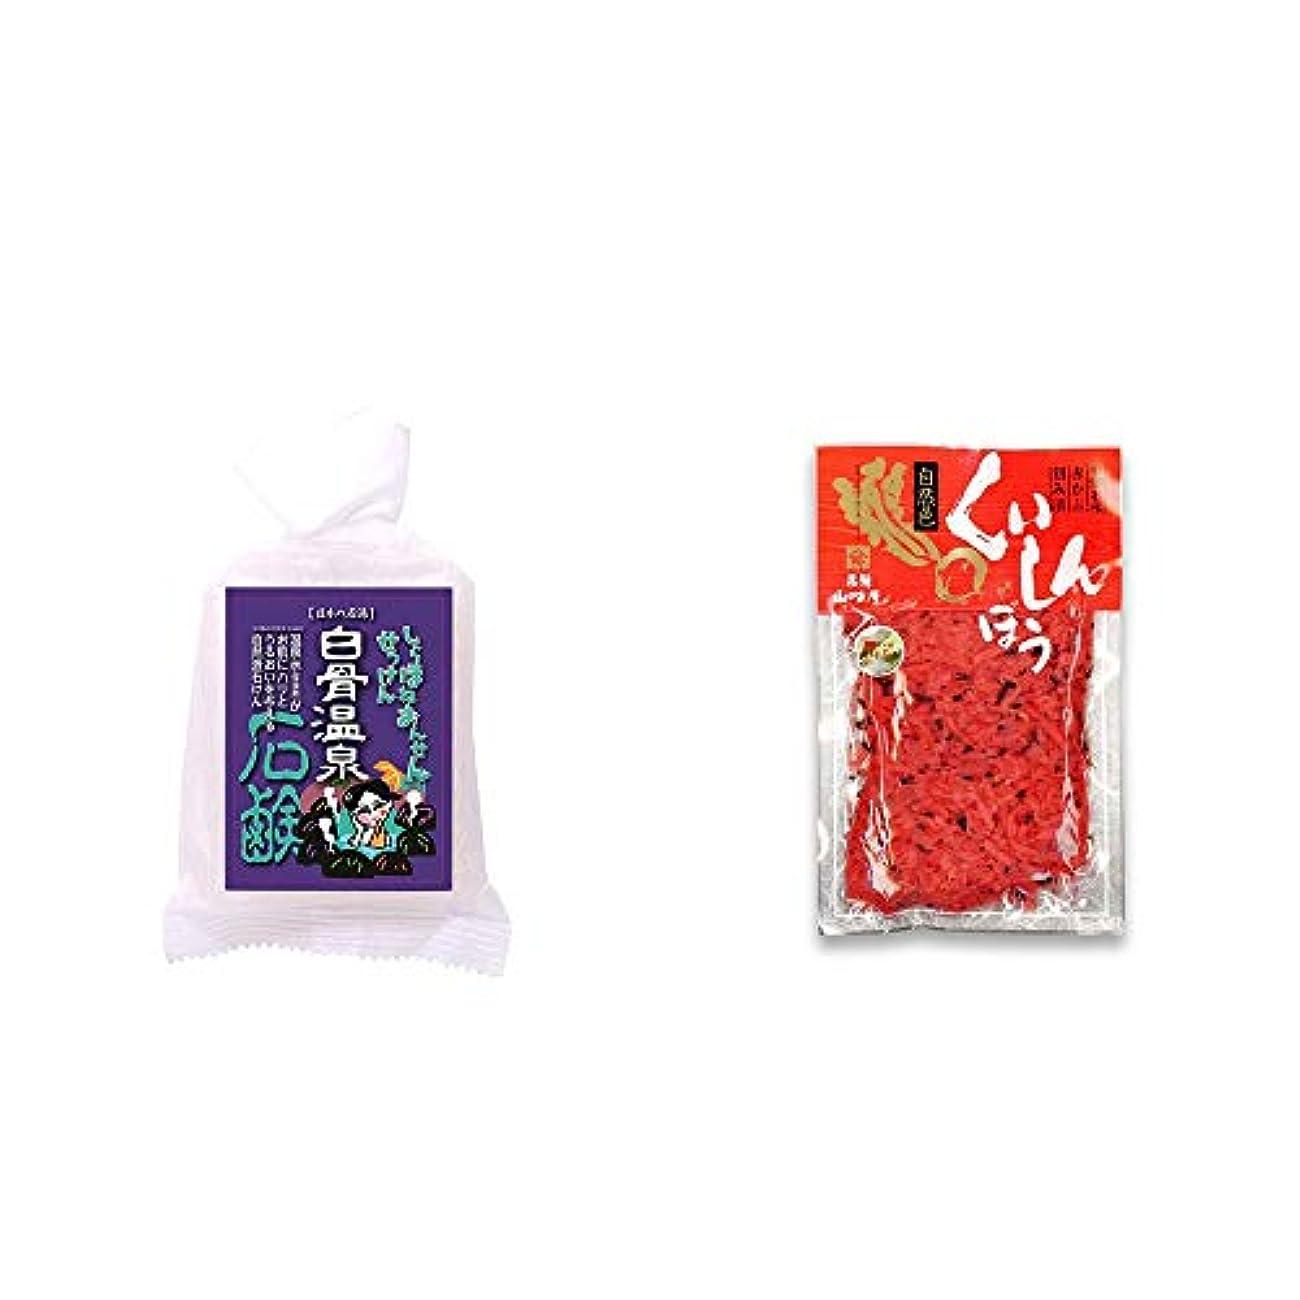 節約する銛折[2点セット] 信州 白骨温泉石鹸(80g)?飛騨山味屋 くいしんぼう【小】 (160g)